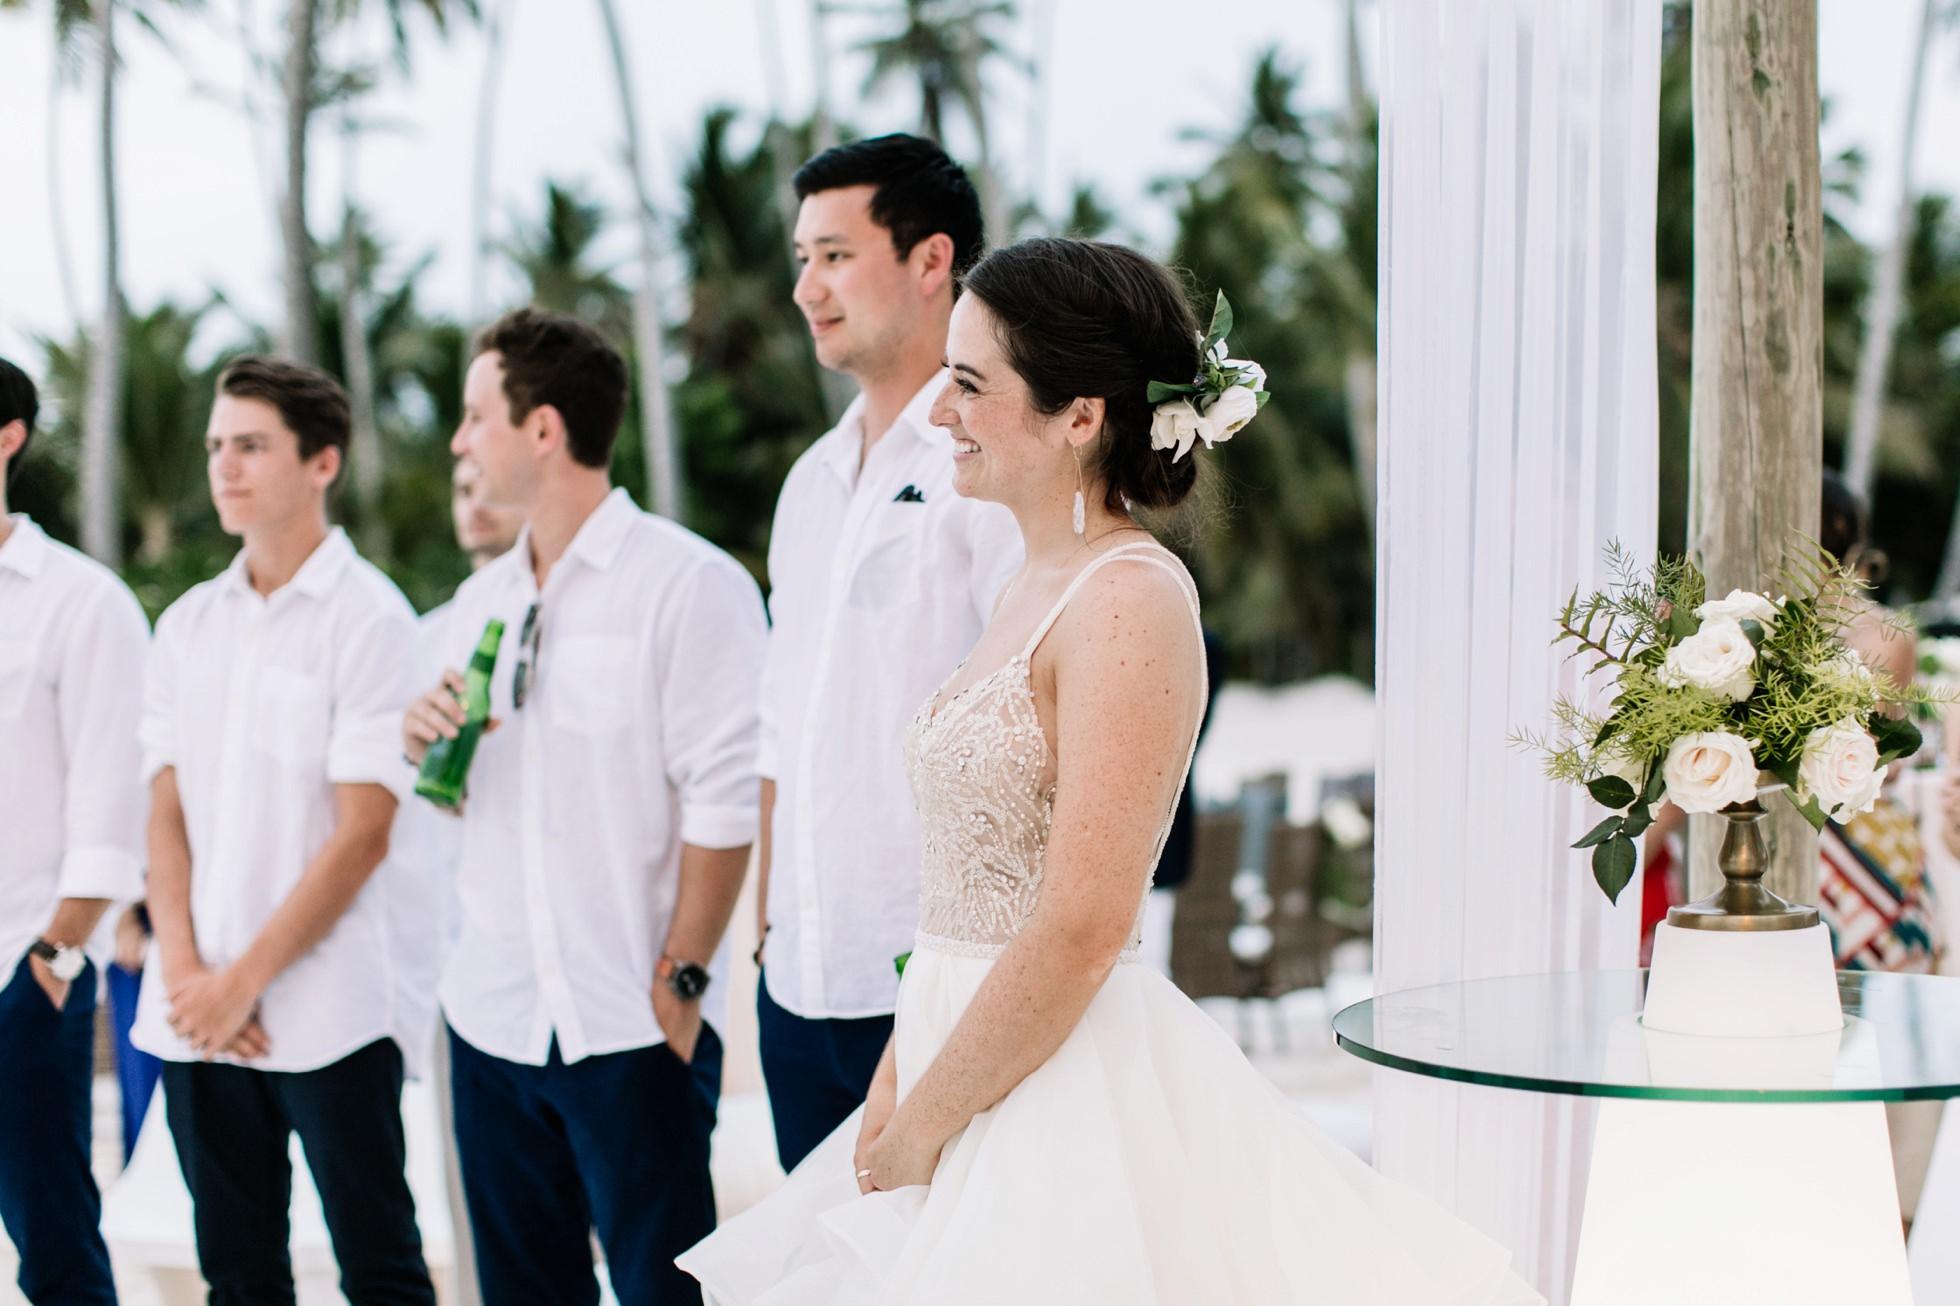 Tropical Punta Cana Destination Wedding - Non-Traditional